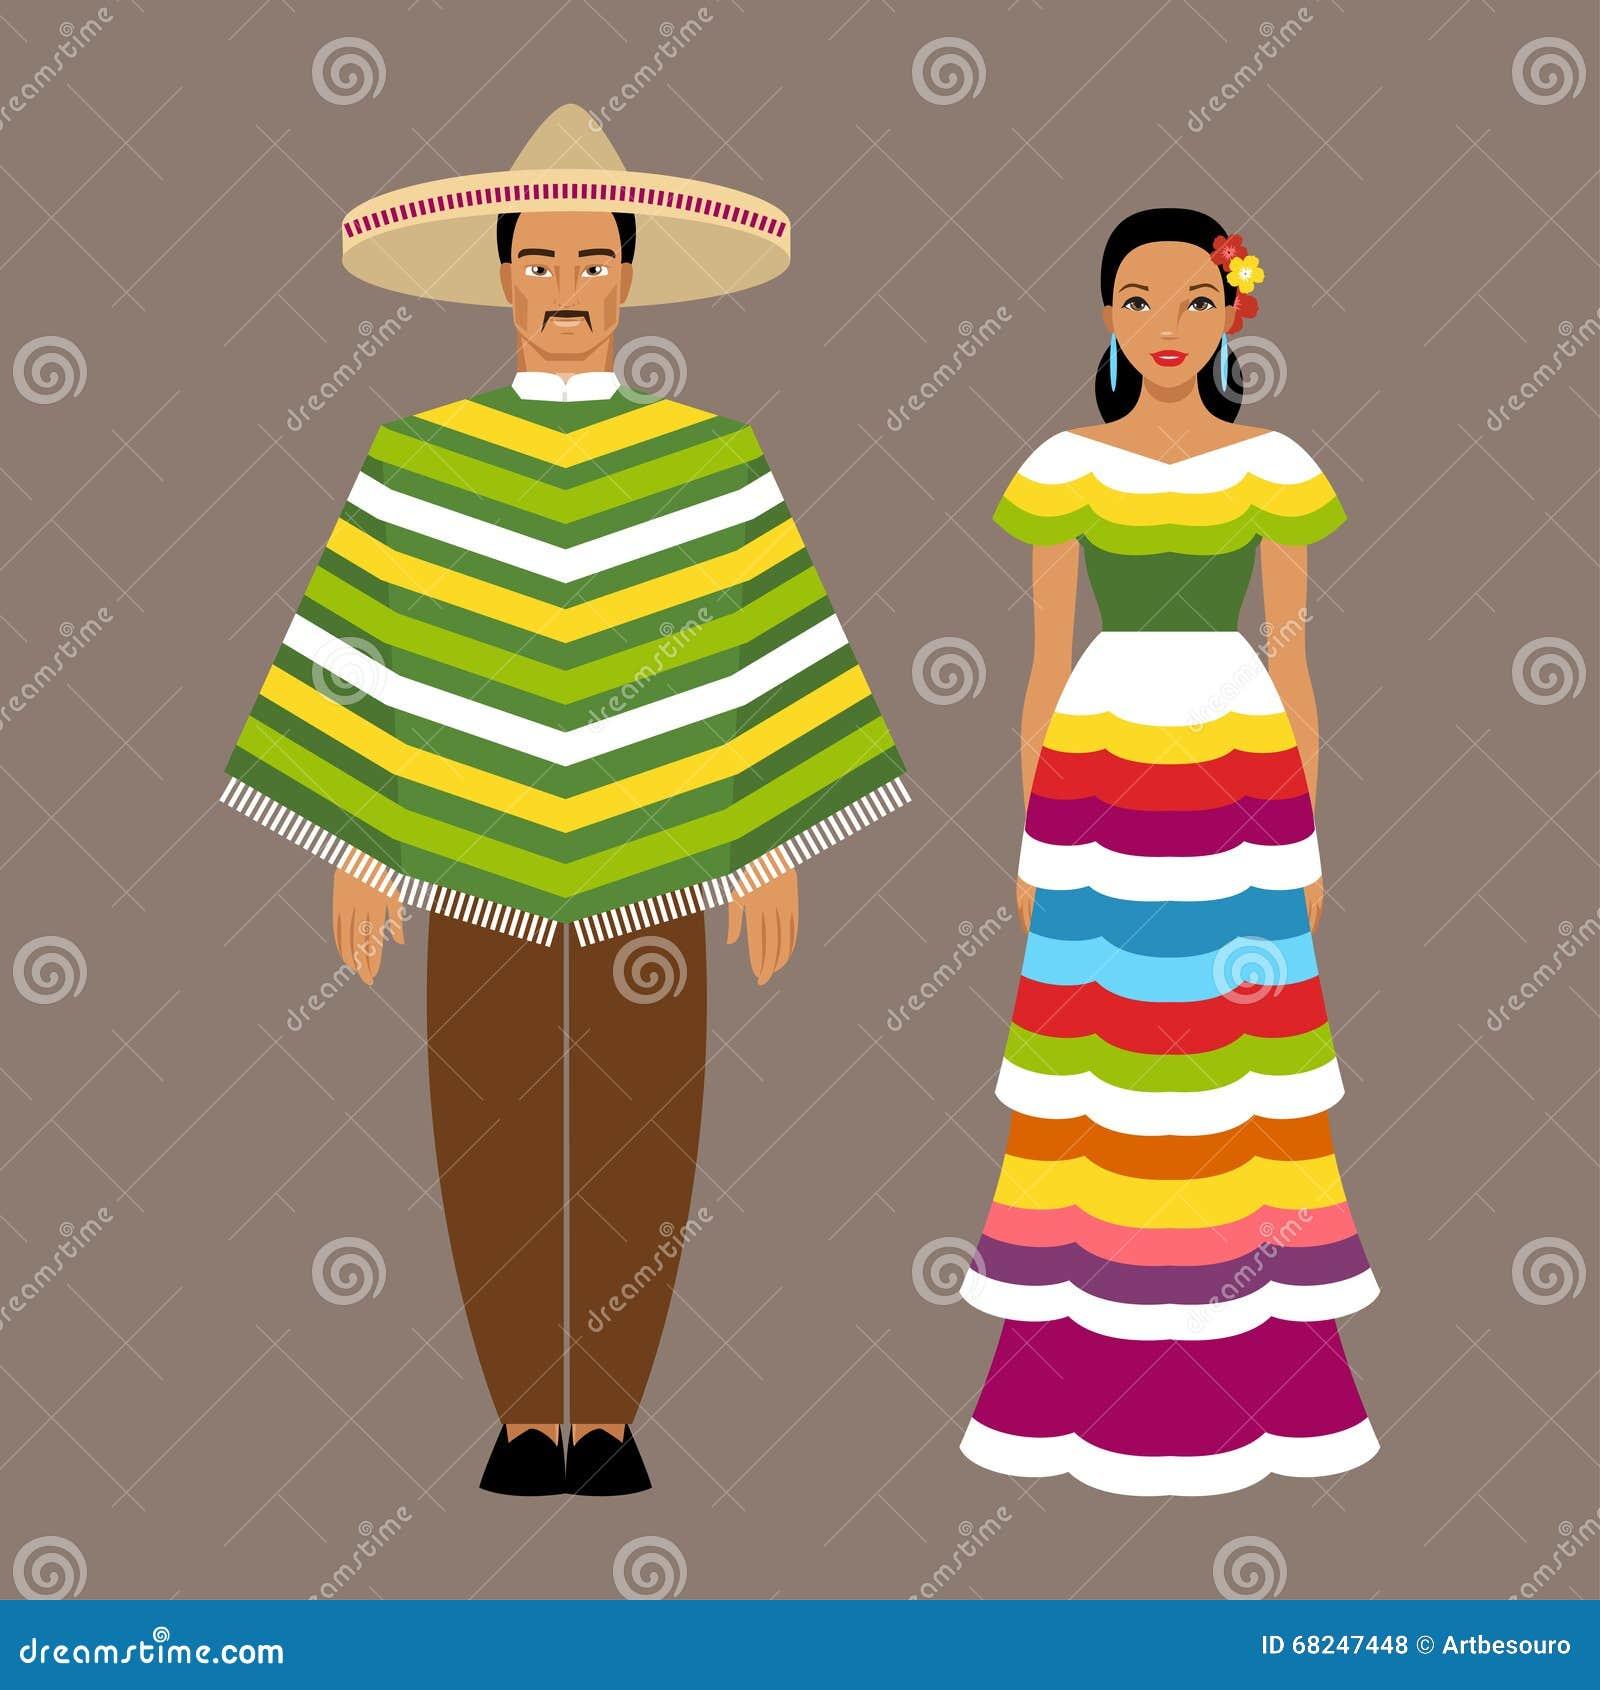 Vettoriale Messicana In Famiglia Vestiti Tradizionali Illustrazione O8FTBqB0P